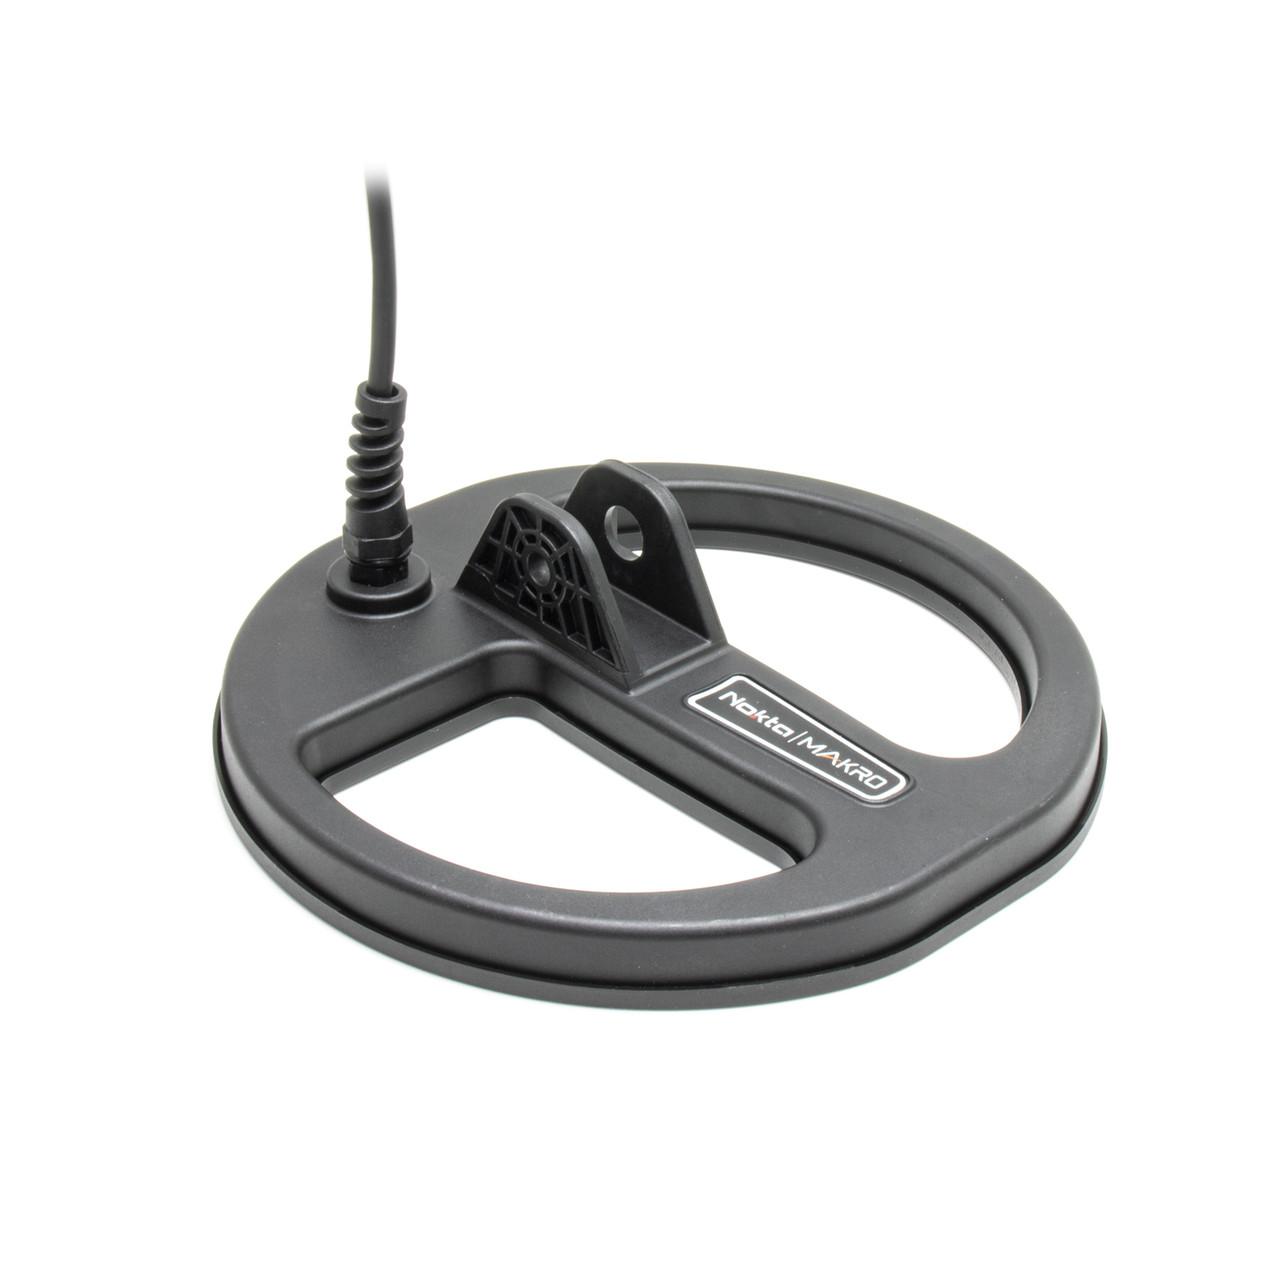 SP22 защитная крышка (чехол) для катушки 22 см (8,5'') BLACK